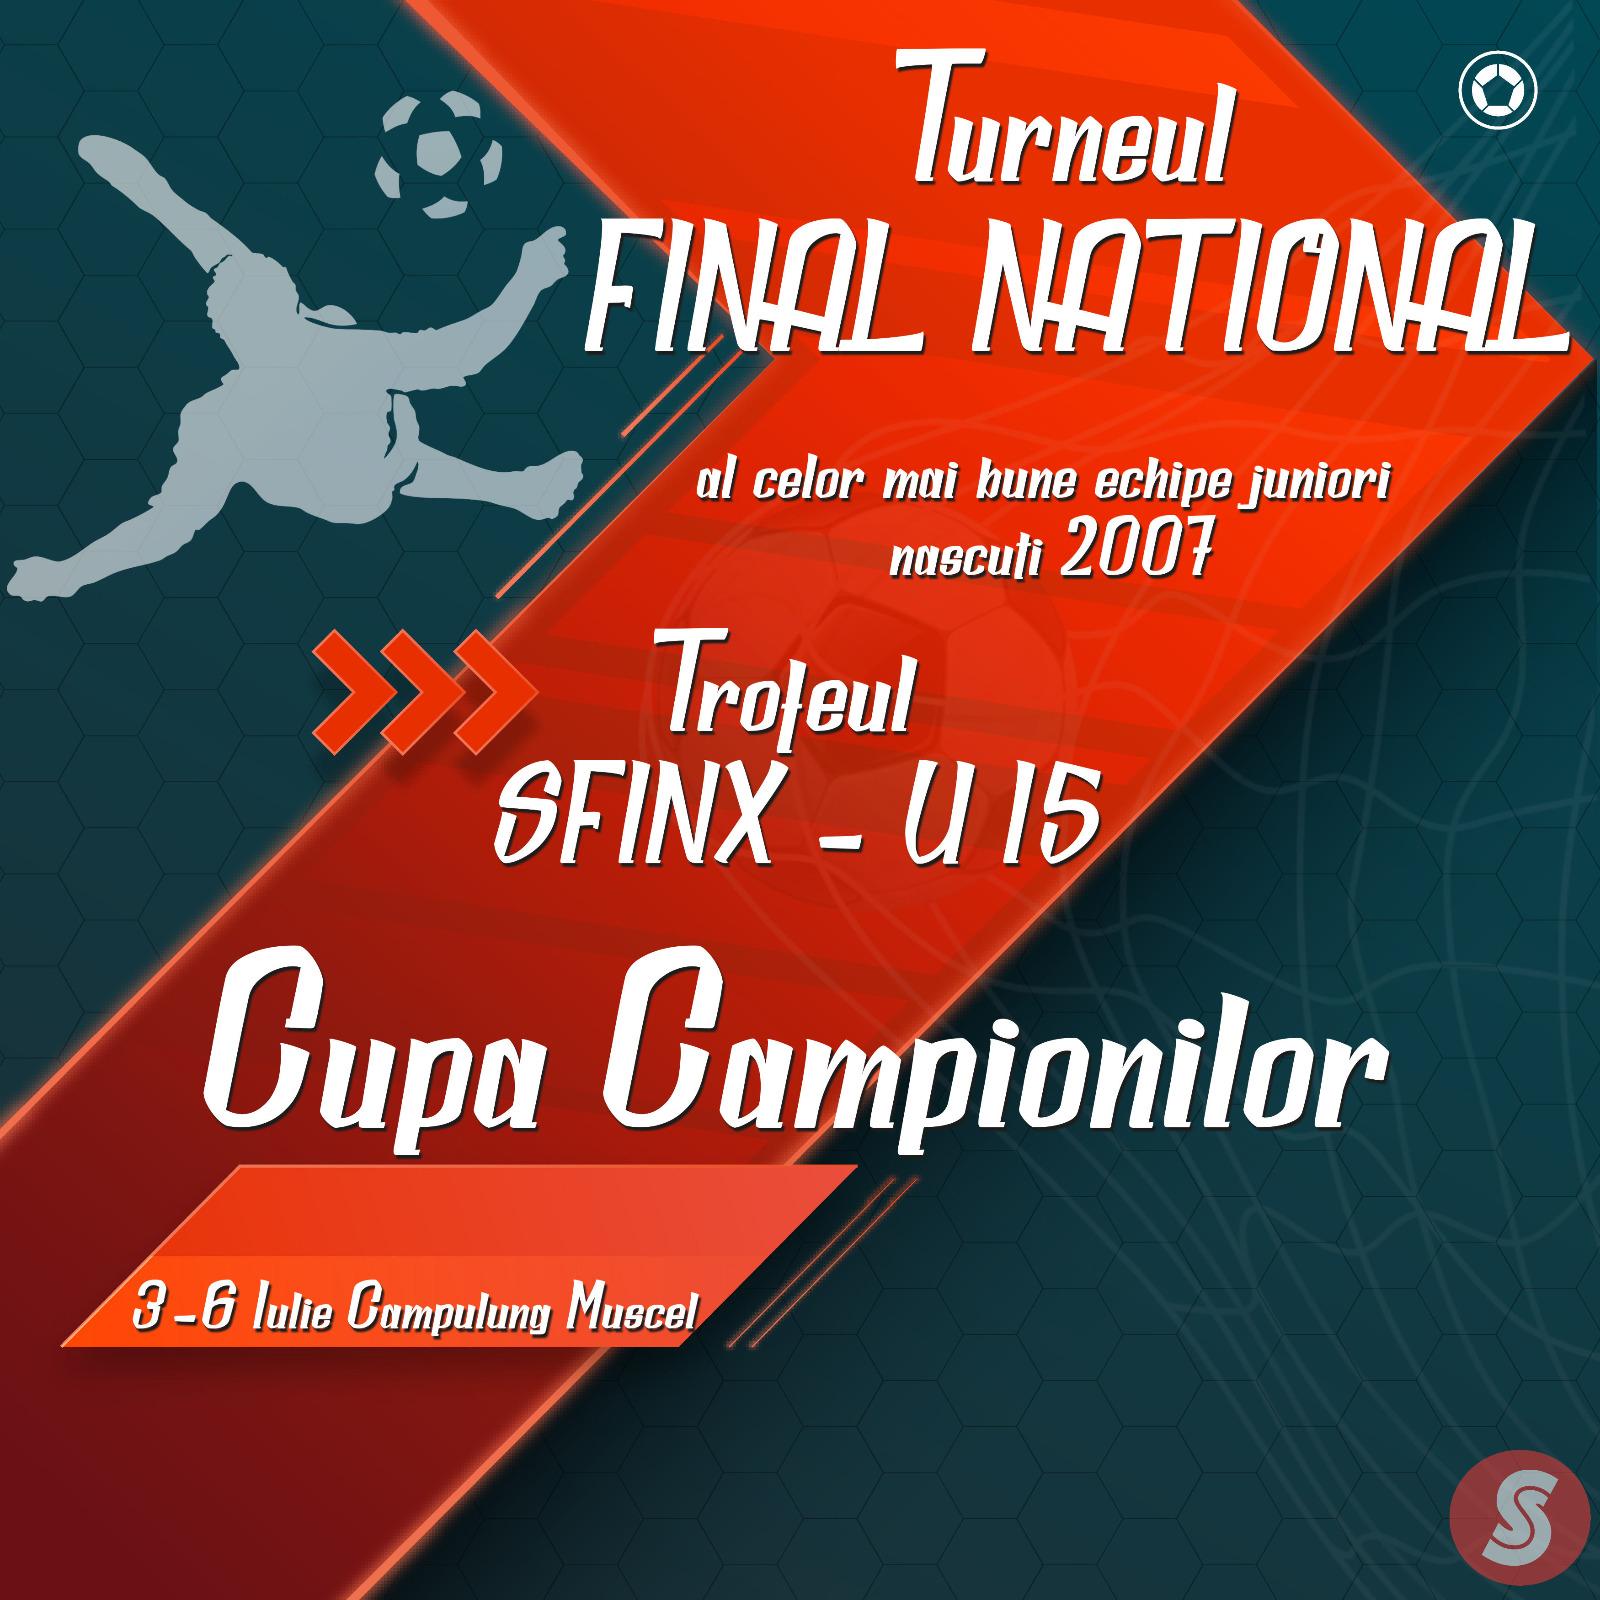 Program desfășurare meciuri Cupa Campionilor U15